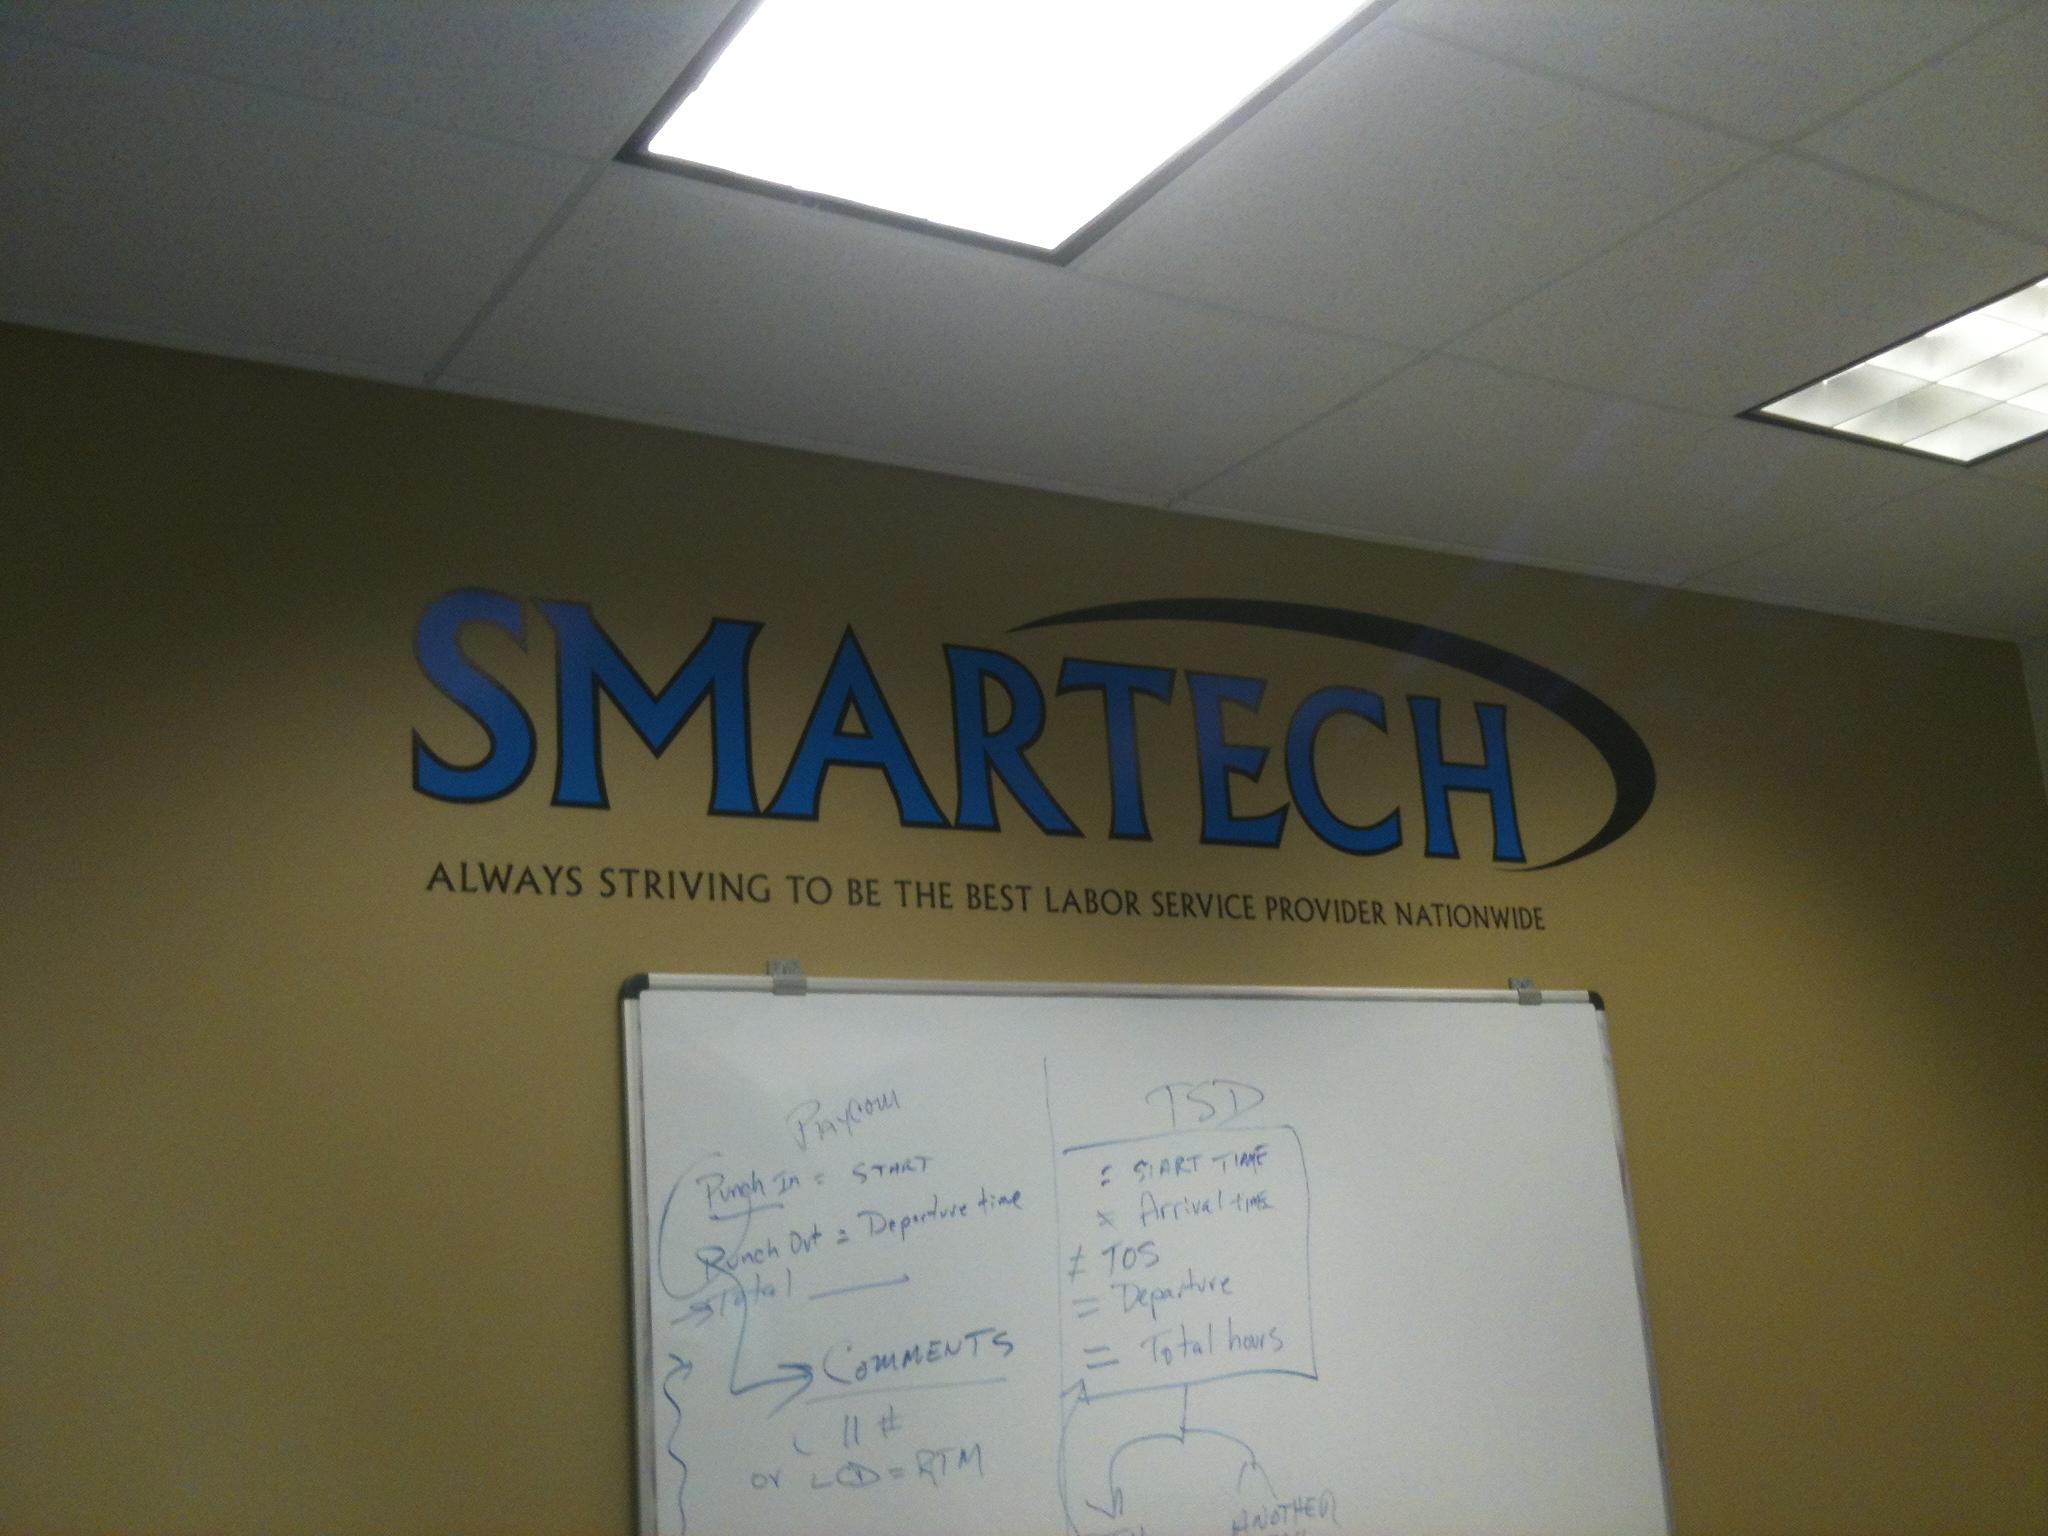 Smartech - WL7965 - 2.JPG